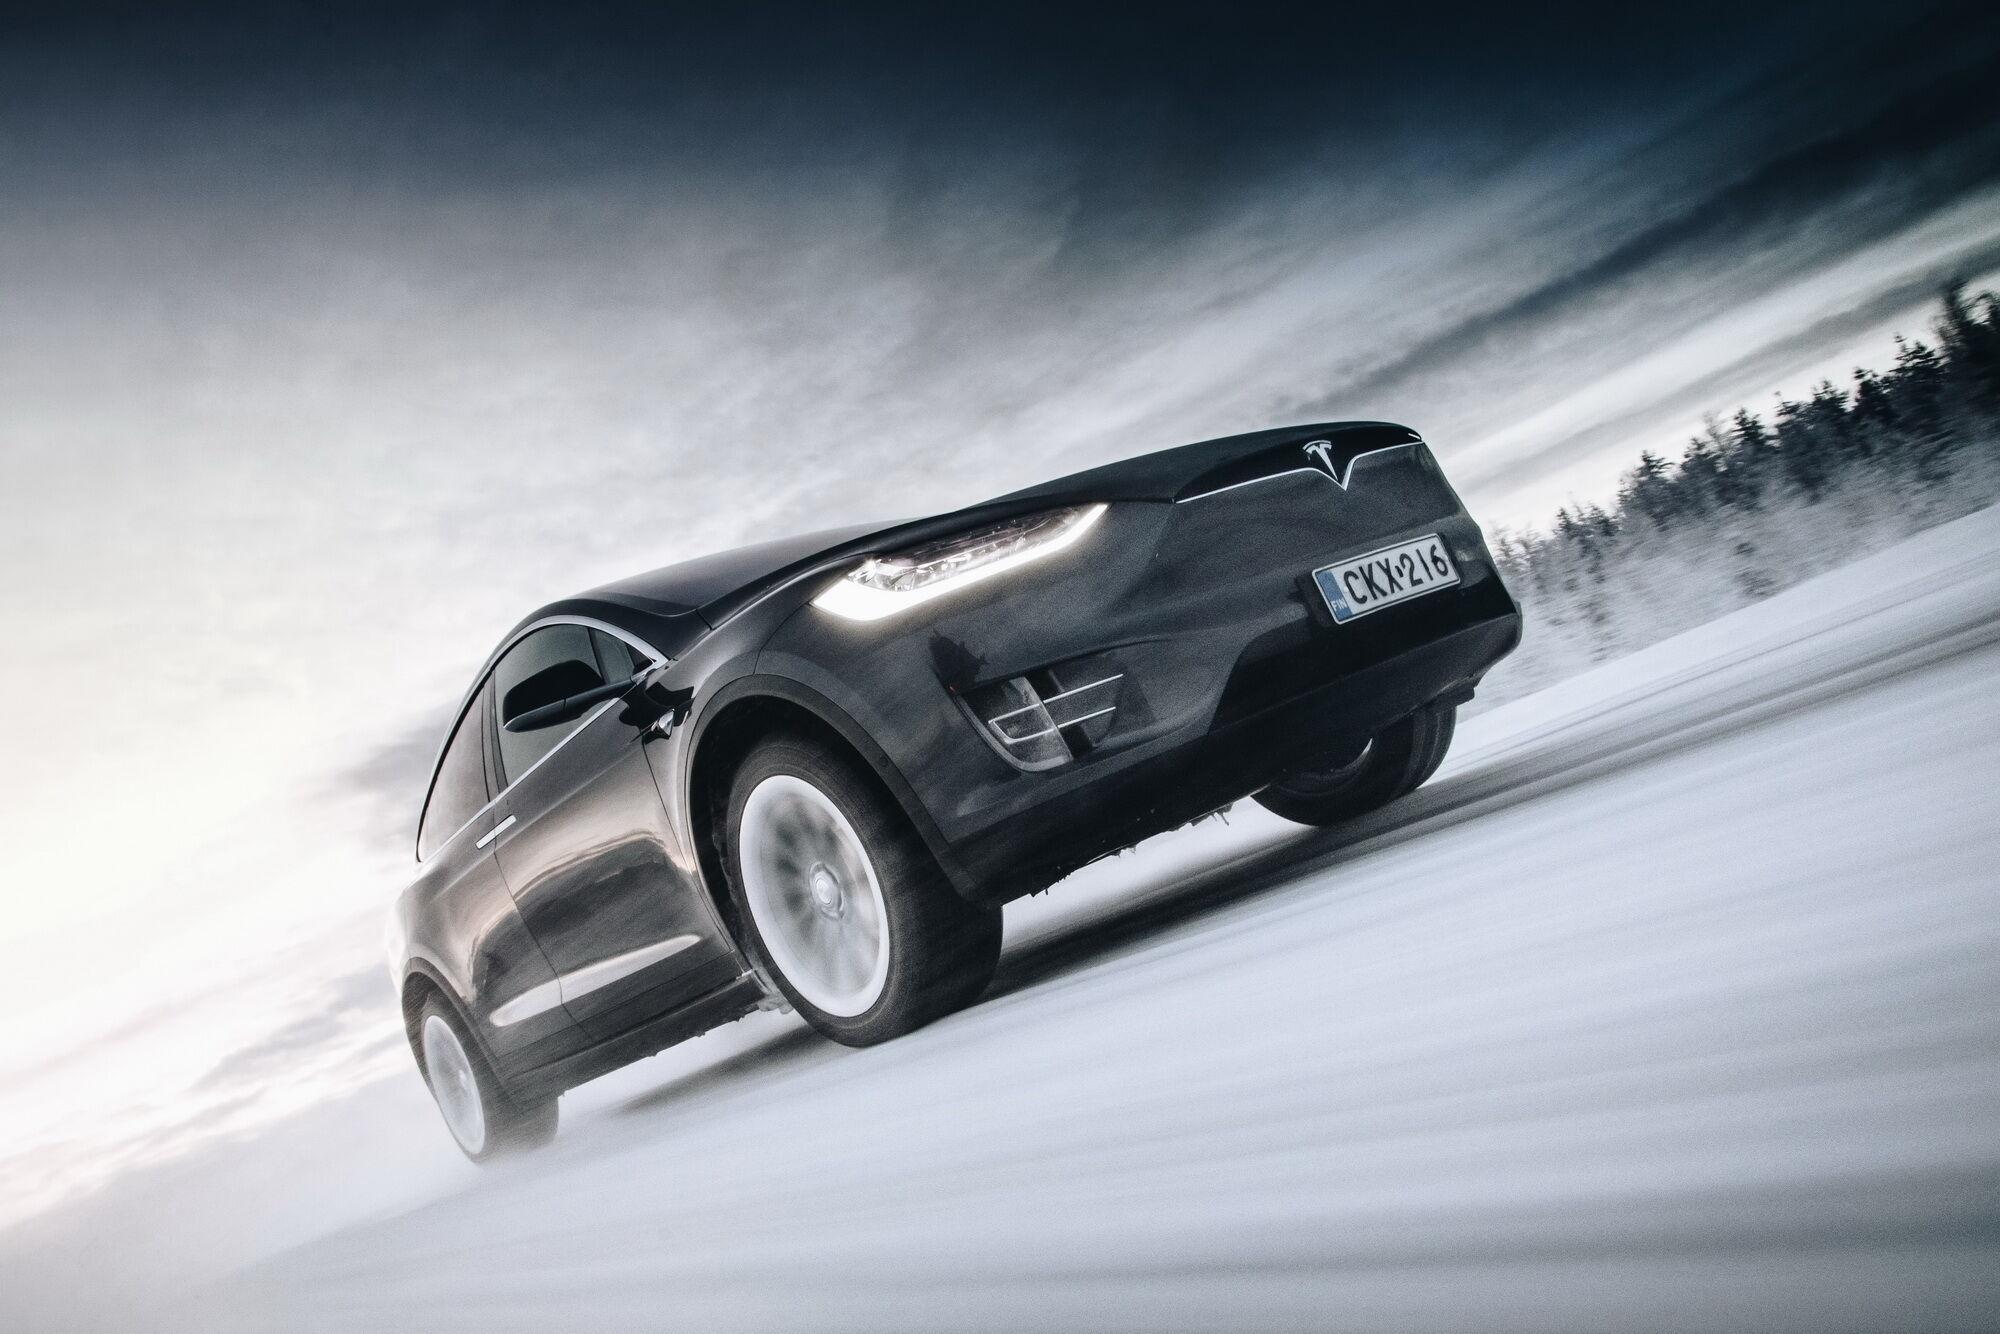 Nokian Hakkapeliitta R3 SUV предназначены для широкой гаммы моделей современных внедорожников и SUV, в том числе, гибридов и электромобилей